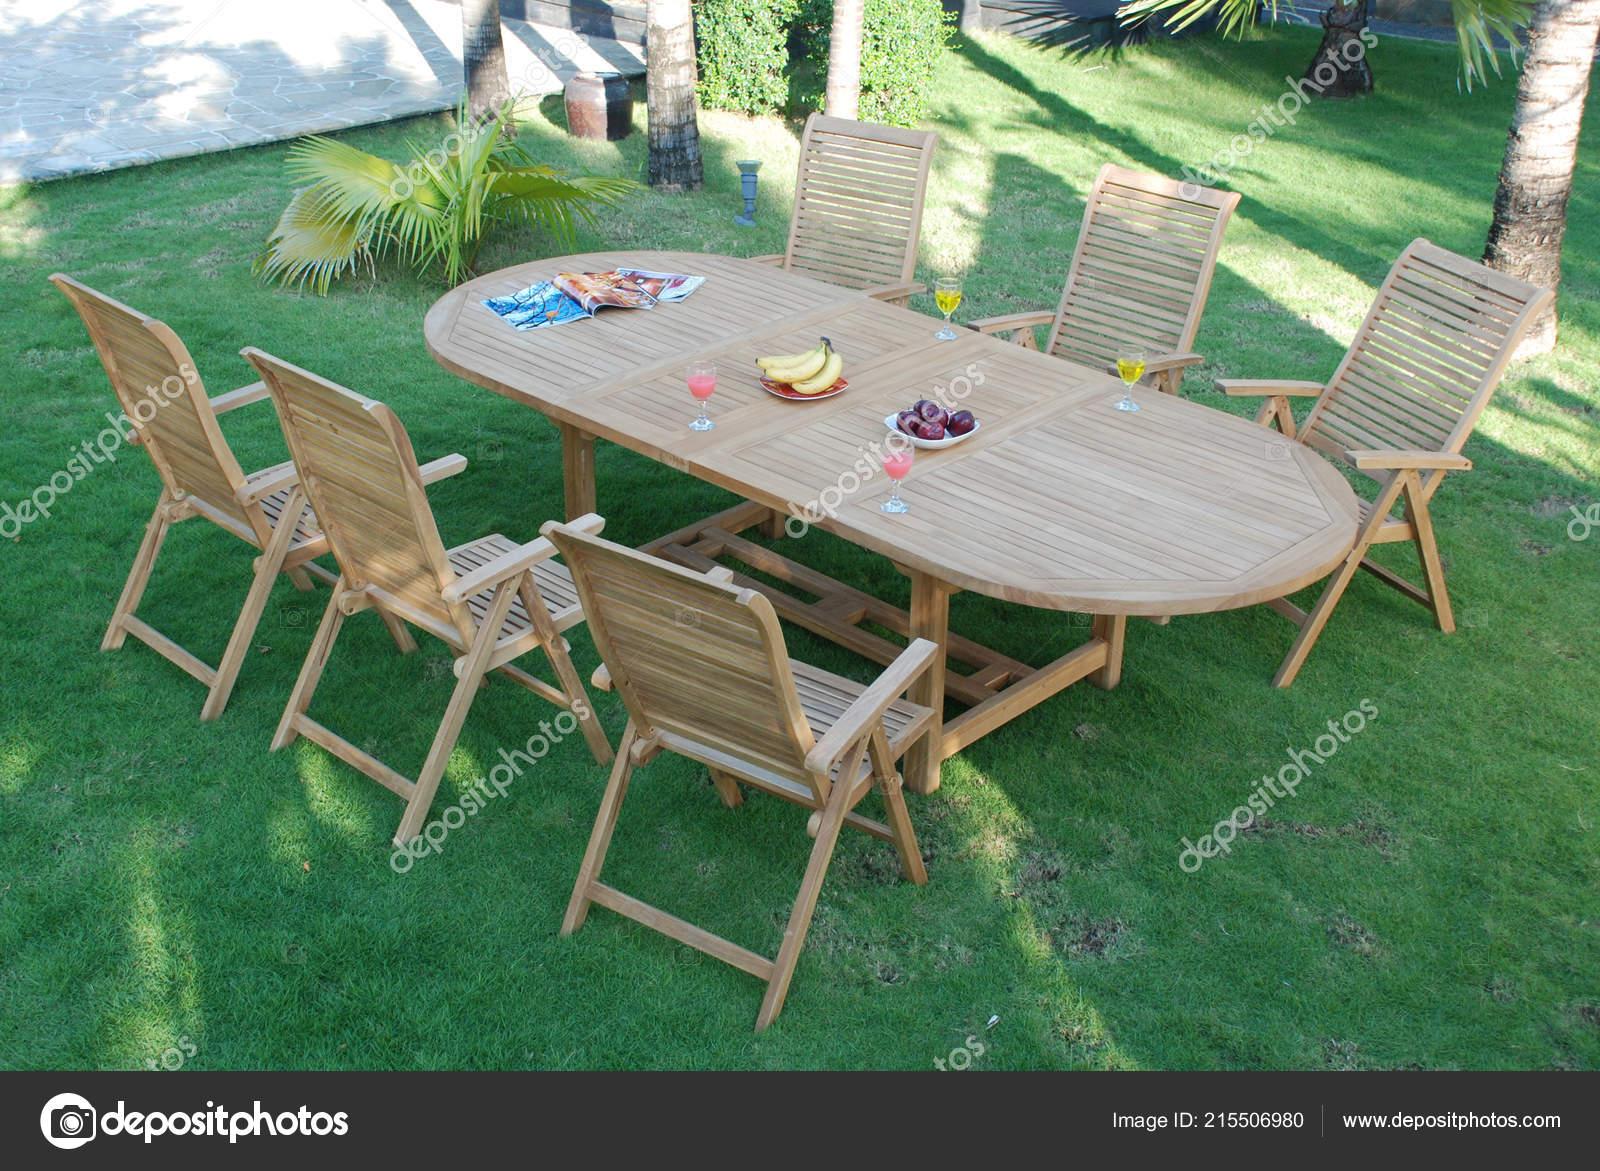 Gartenmöbel Aus Teakholz Outdoor Teak Gartenmöbel Klappstühle Tisch